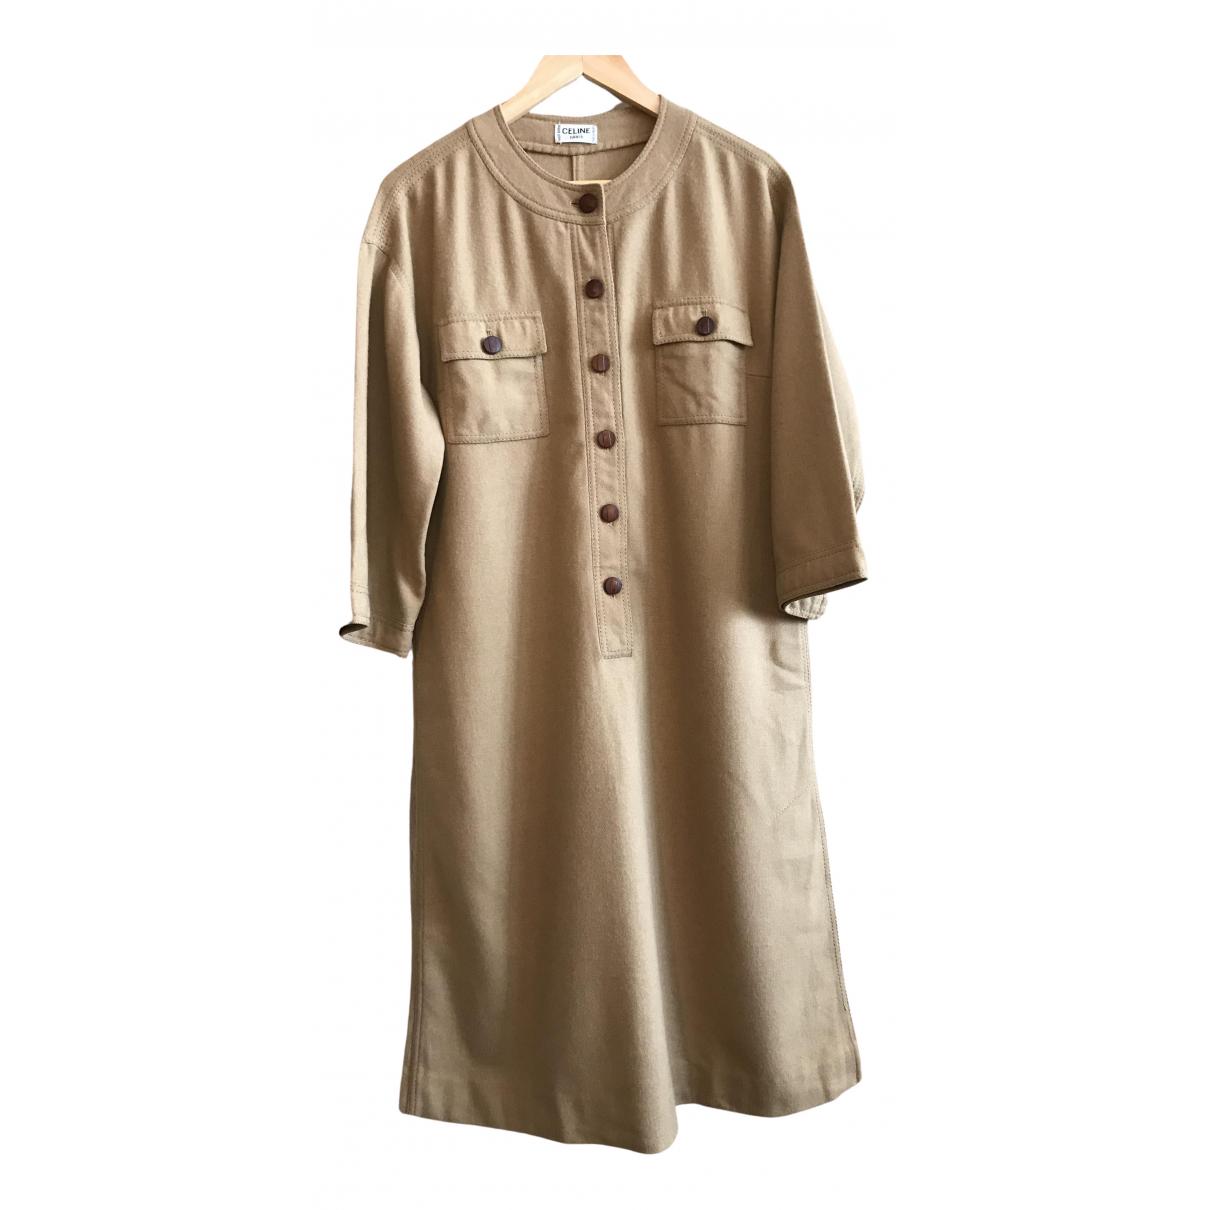 Celine \N Camel Wool dress for Women L International